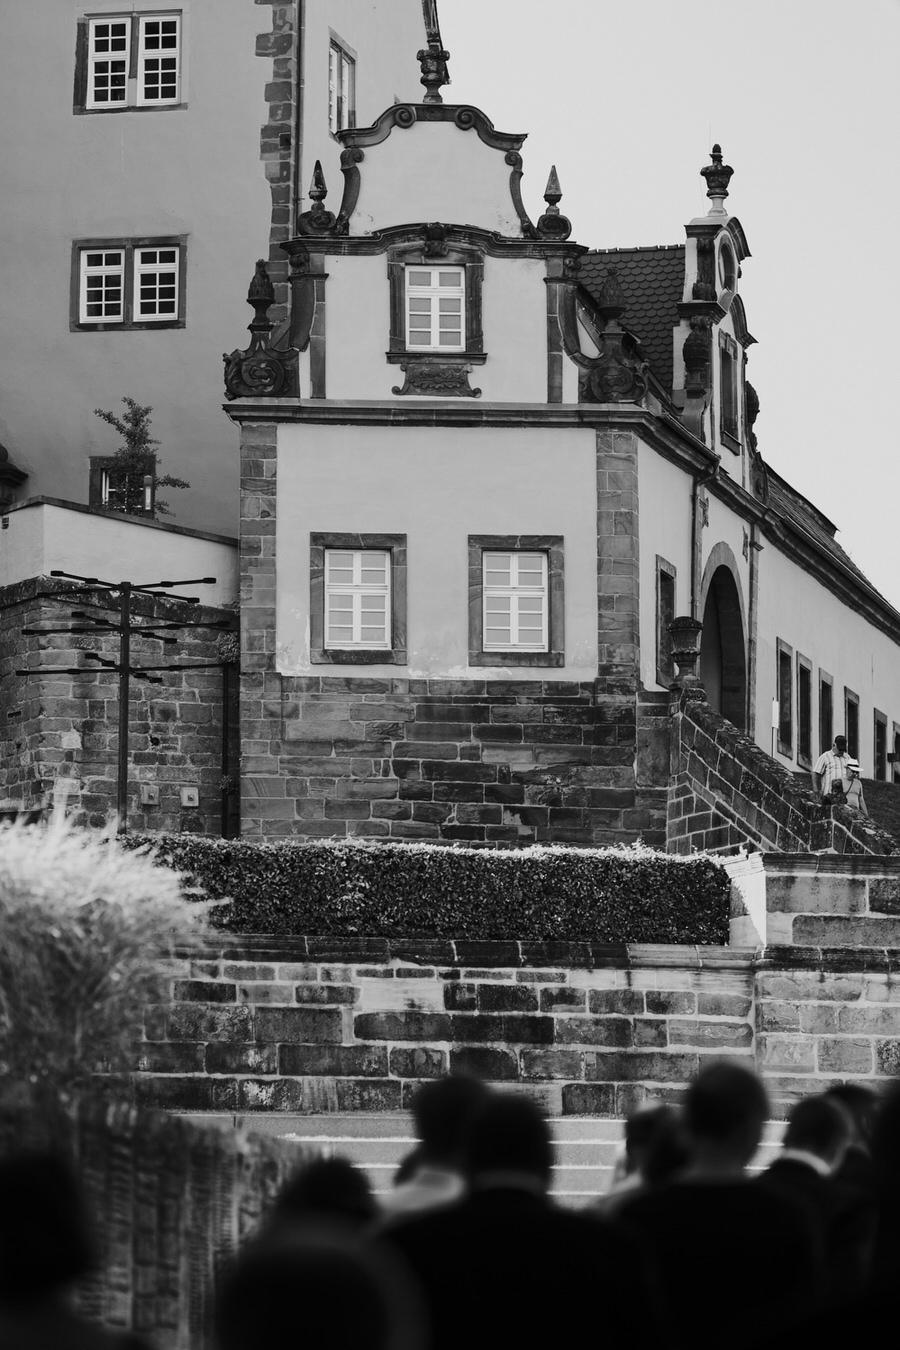 Hochzeitsfeier am Schloss Kapfenburg